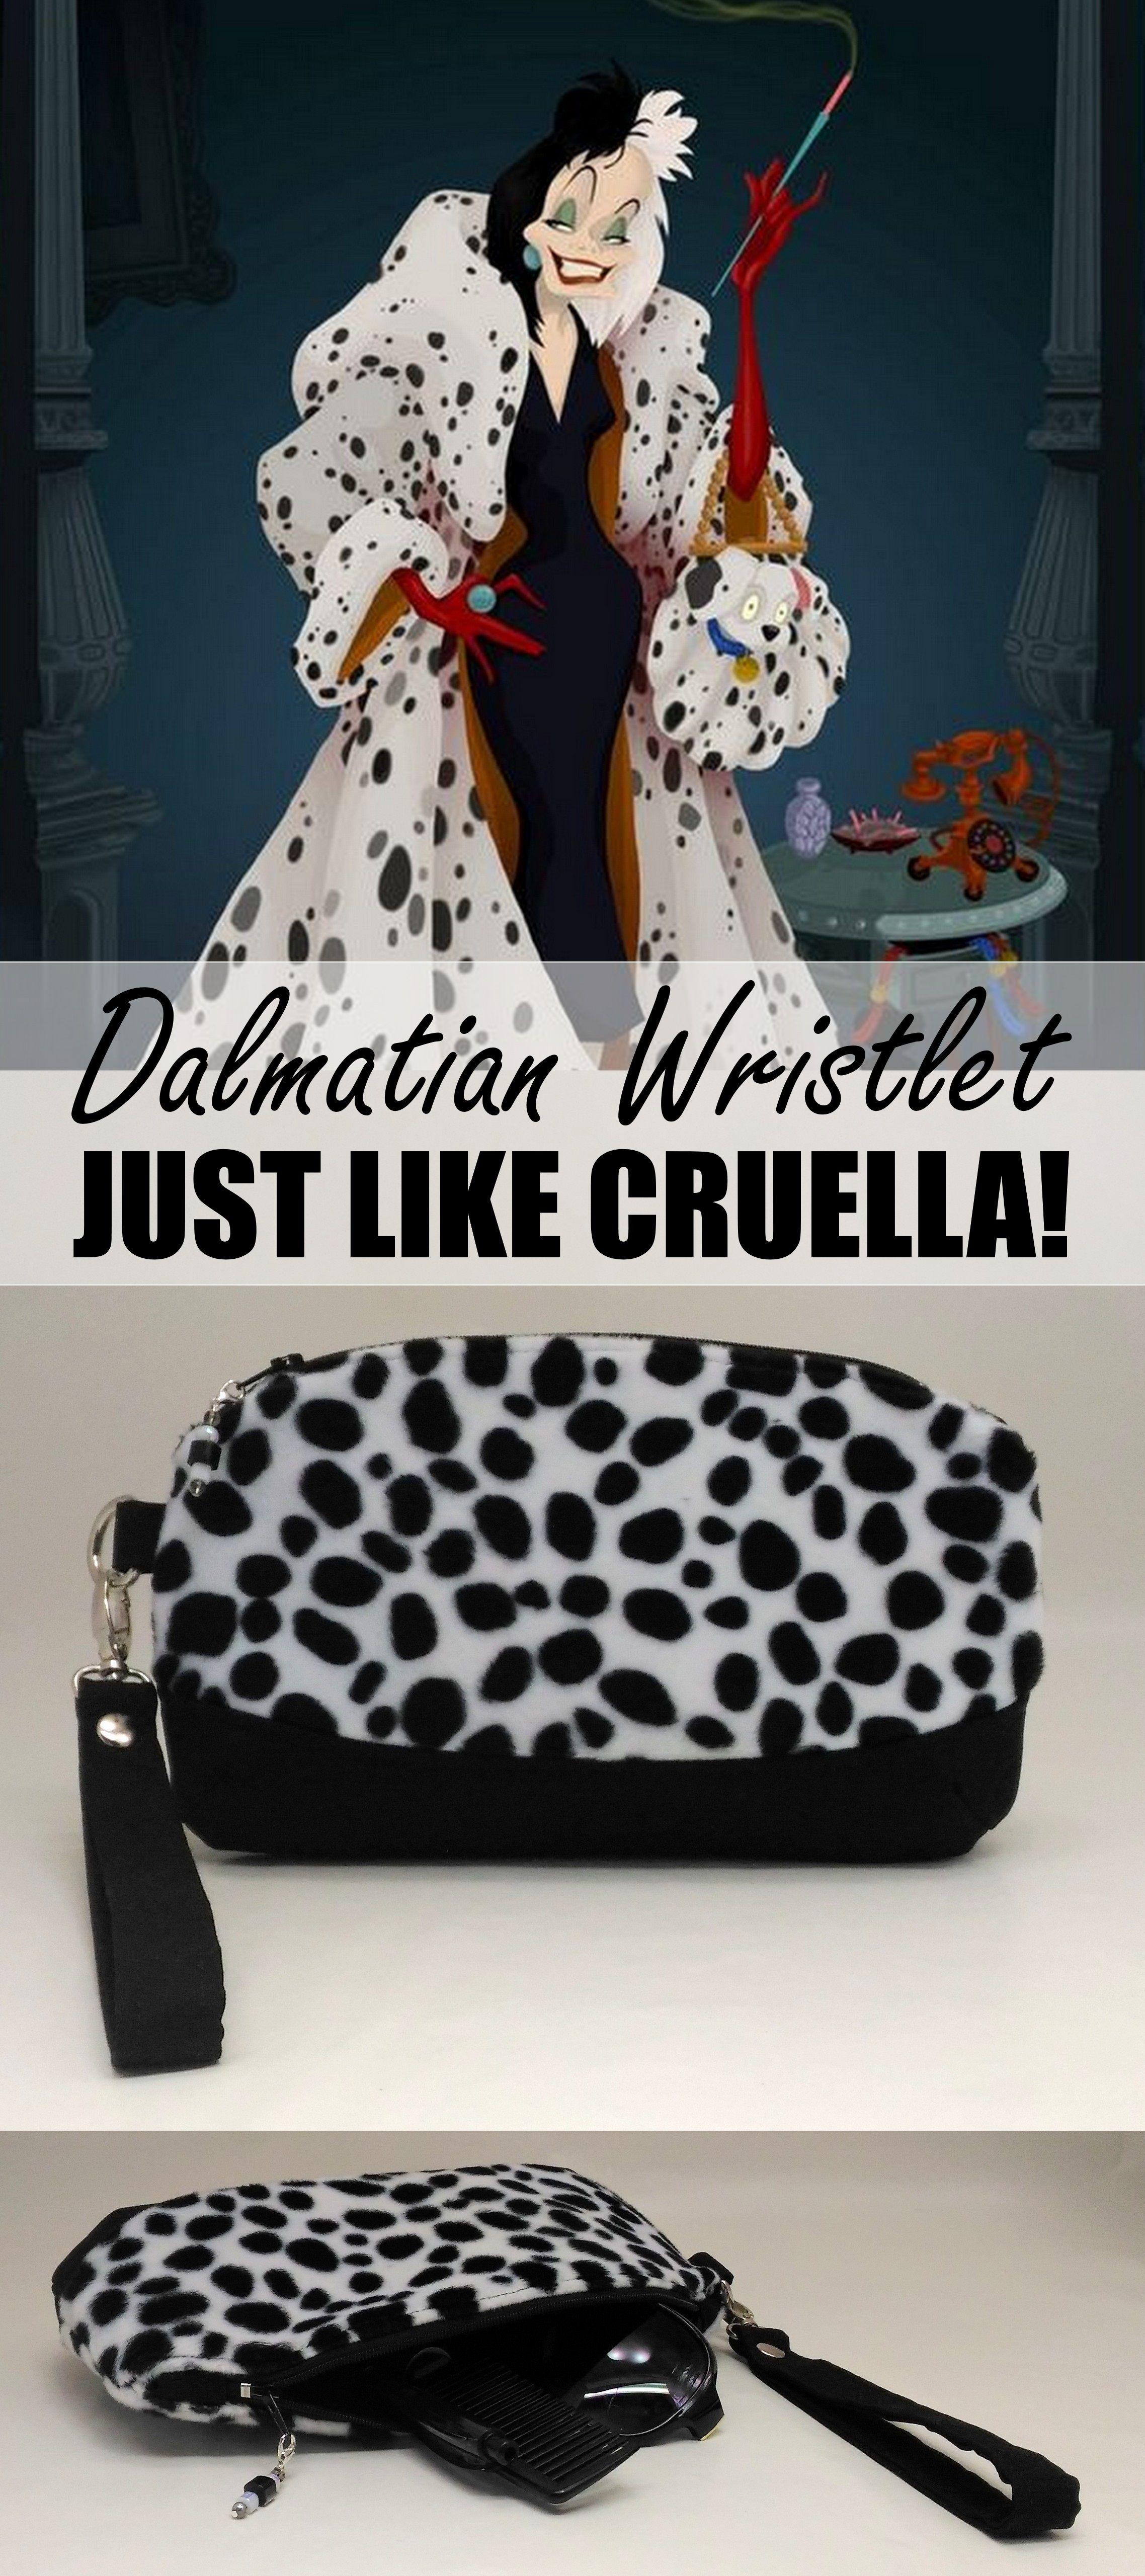 92cd658e50 Complete your Cruella Deville costume with this Dalmatian faux fur purse